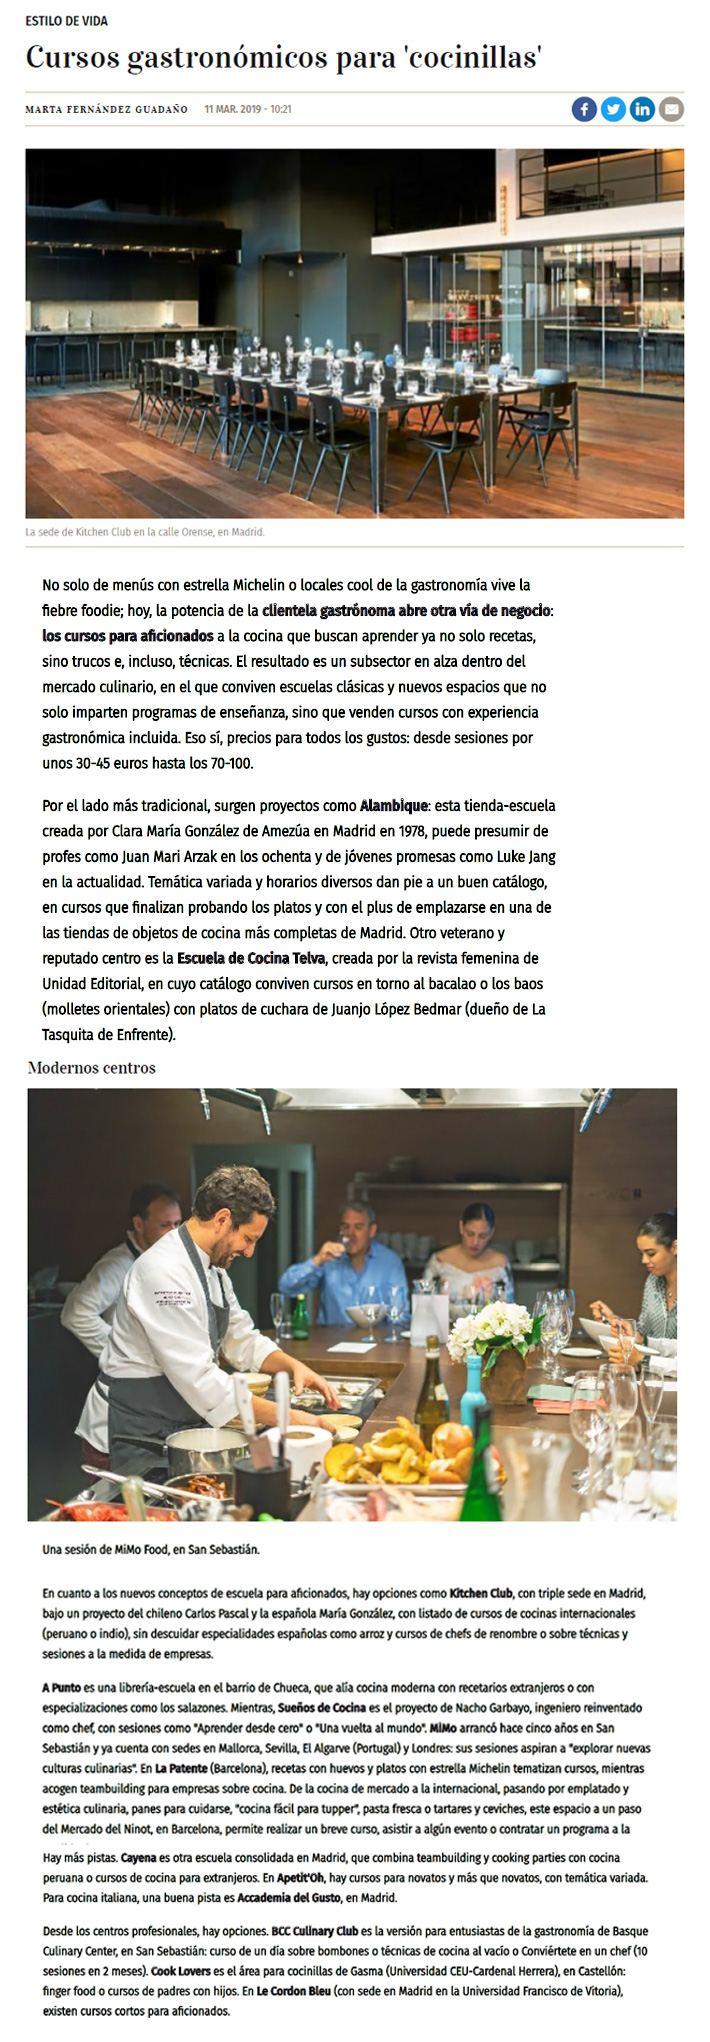 Artículo del diario Expansión sobre escuelas de cocina